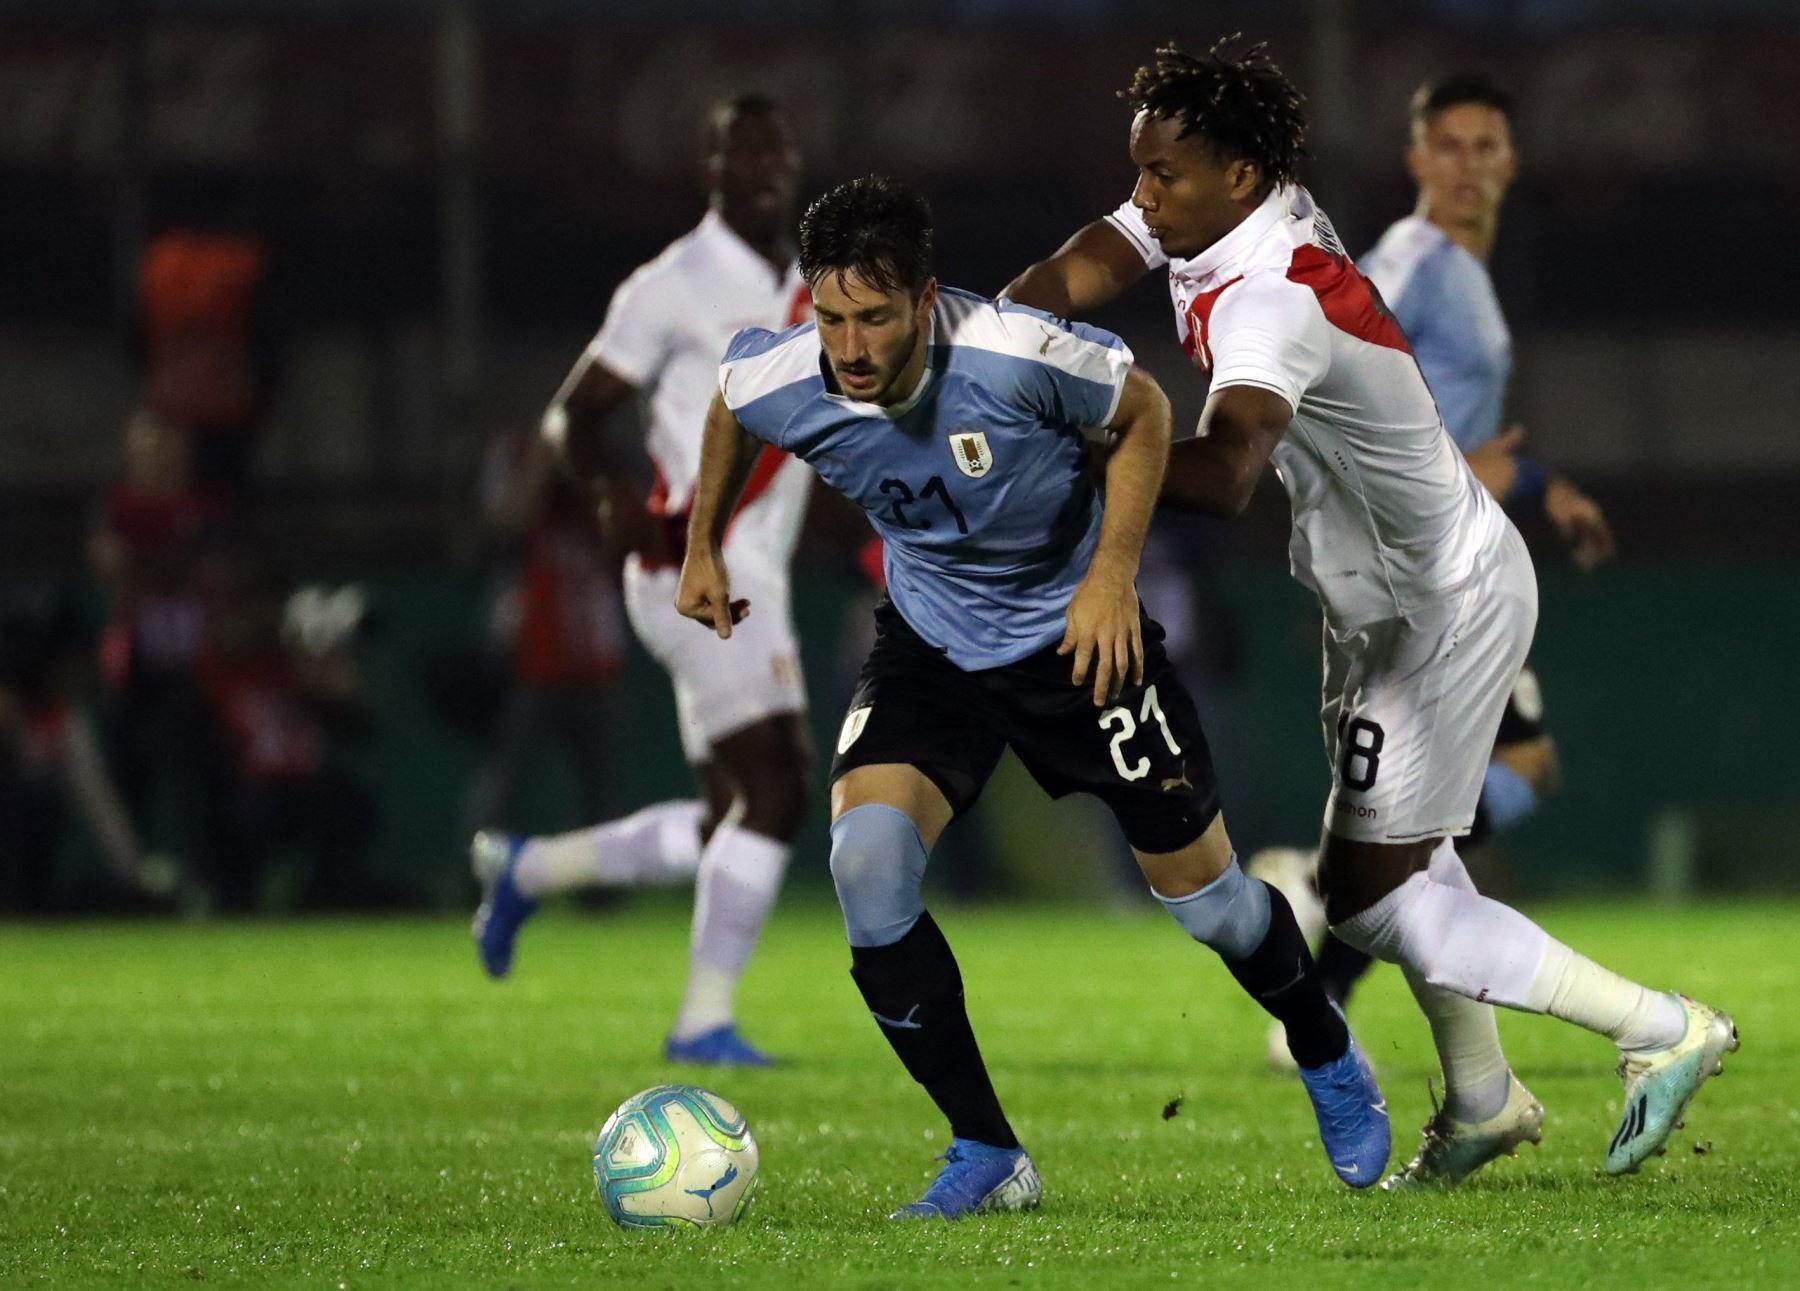 Matías Viña de Uruguay disputa el balón con André Carrillo de Perú en el estadio Centenario de Uruguay, en Montevideo. Foto: EFE